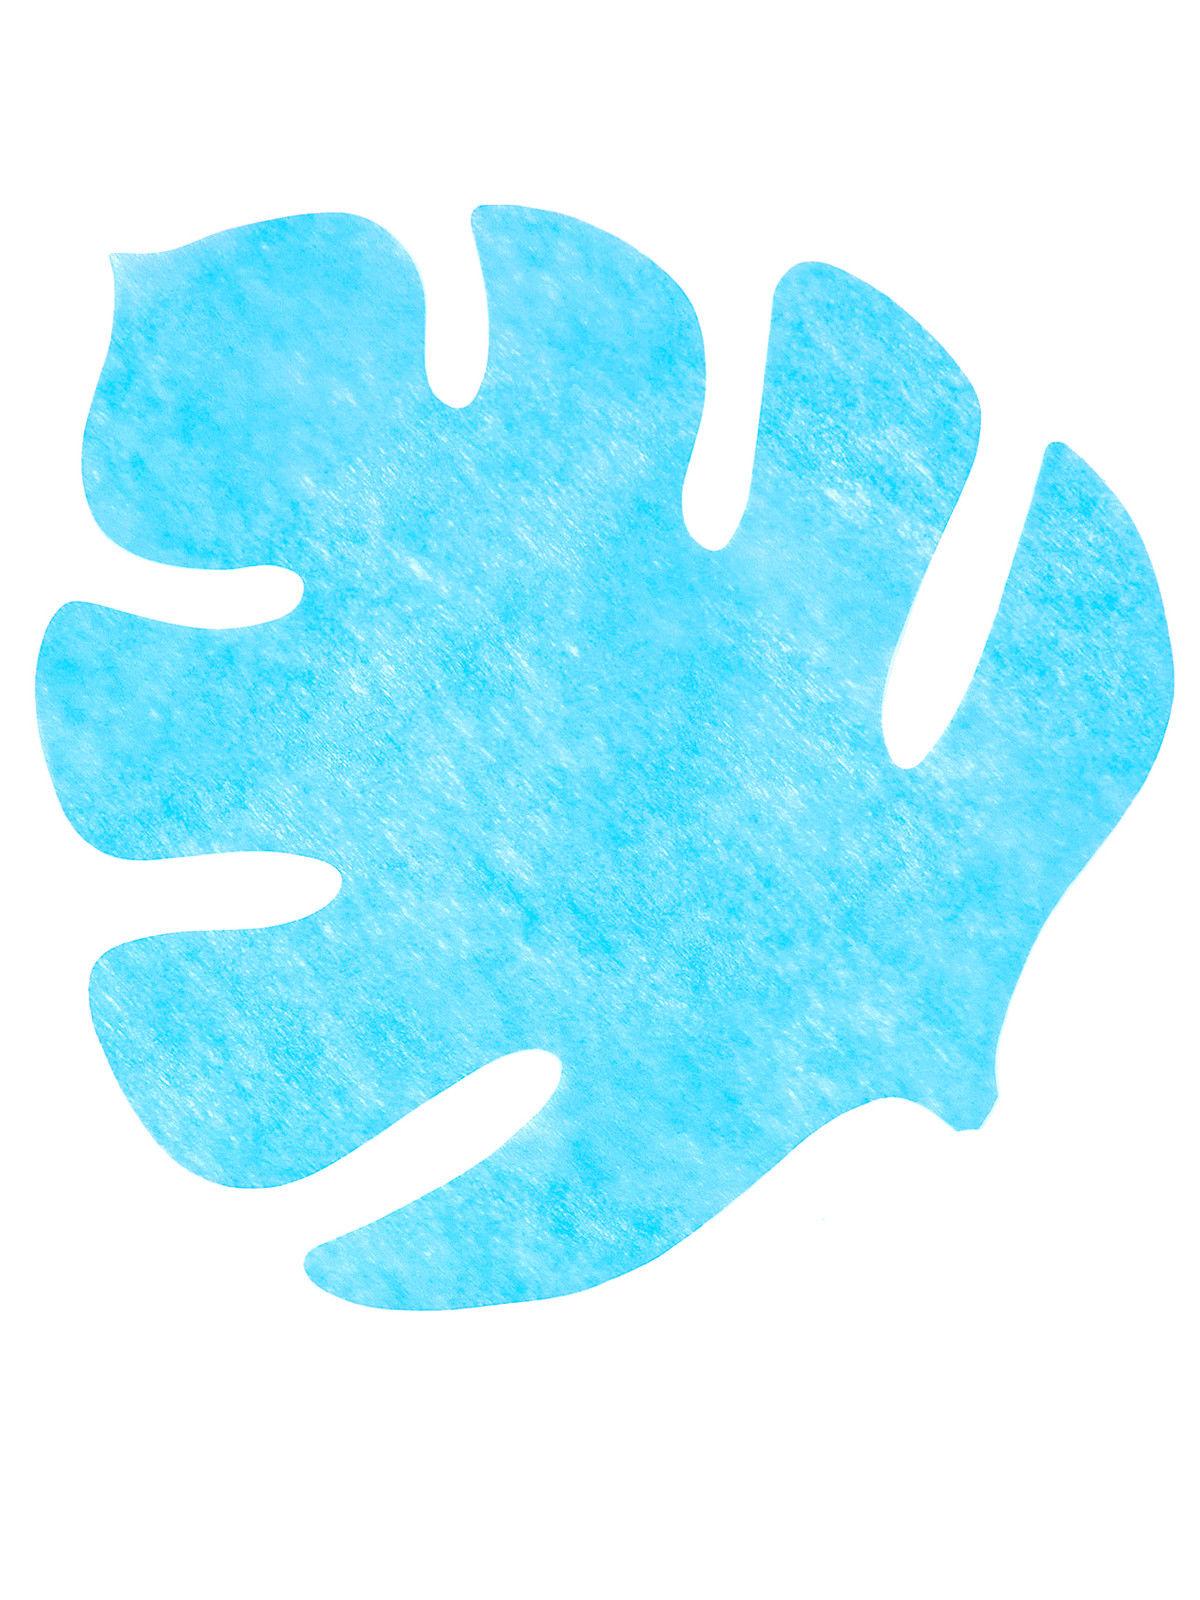 4 Sets de table en forme de feuille bleu